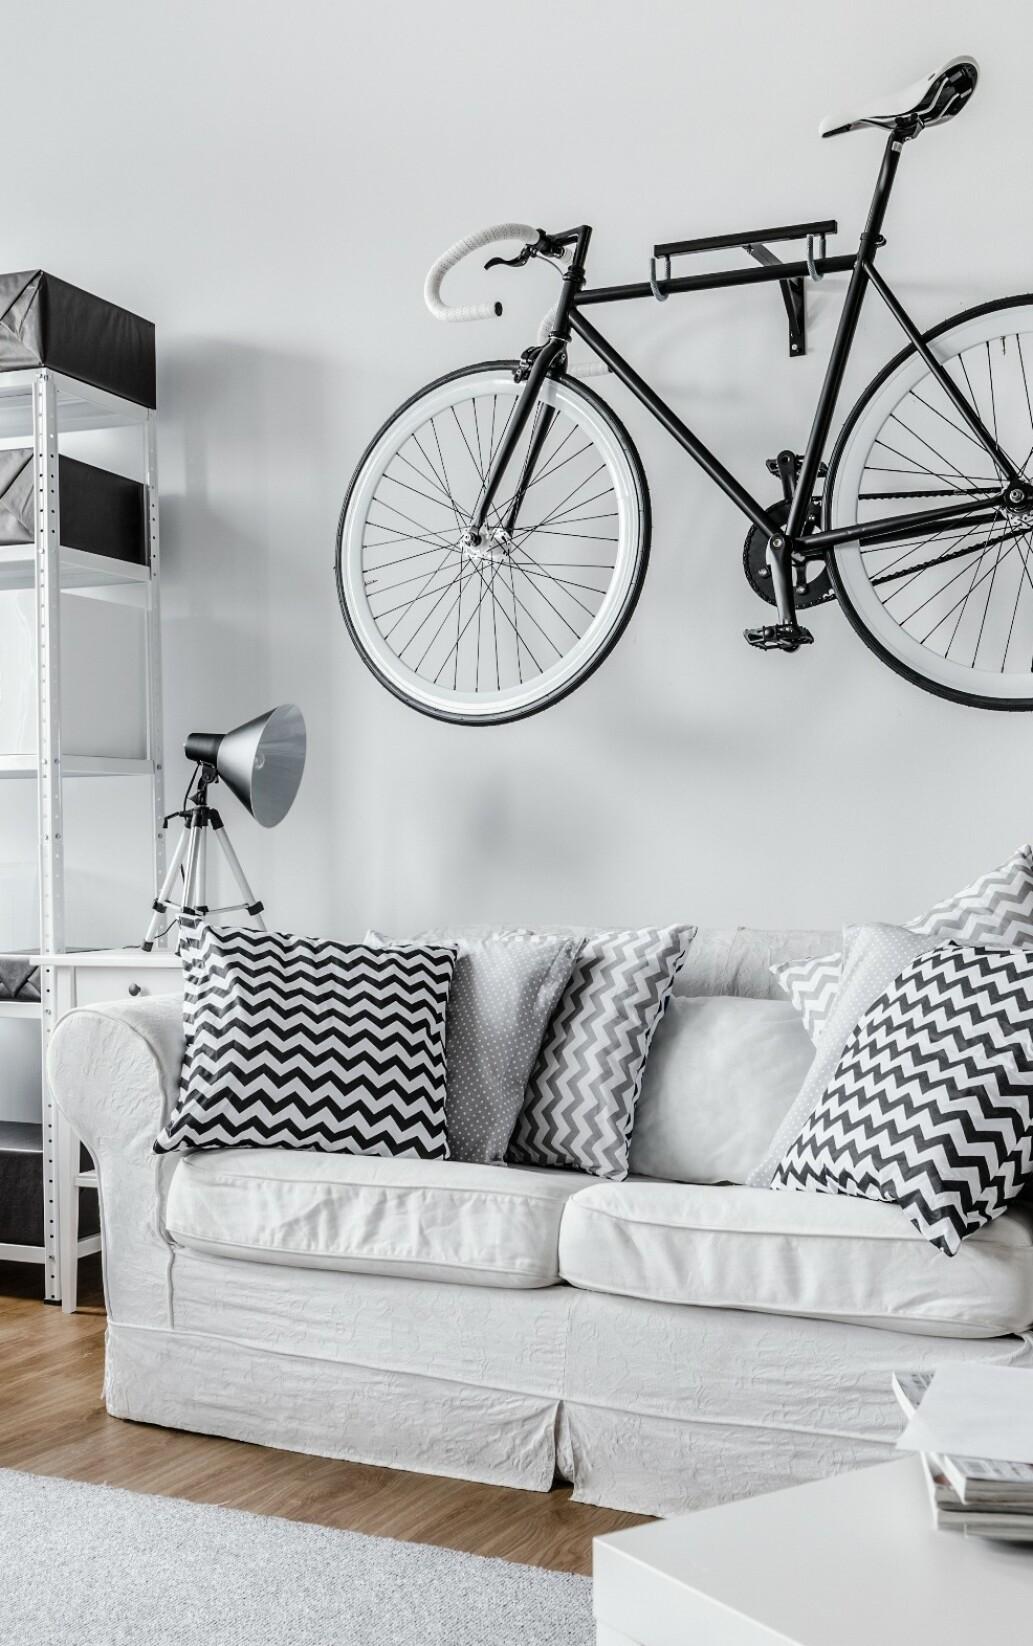 Lurer du på hva boligen din er verdt? Her finner du det ut - kjapt og enkelt